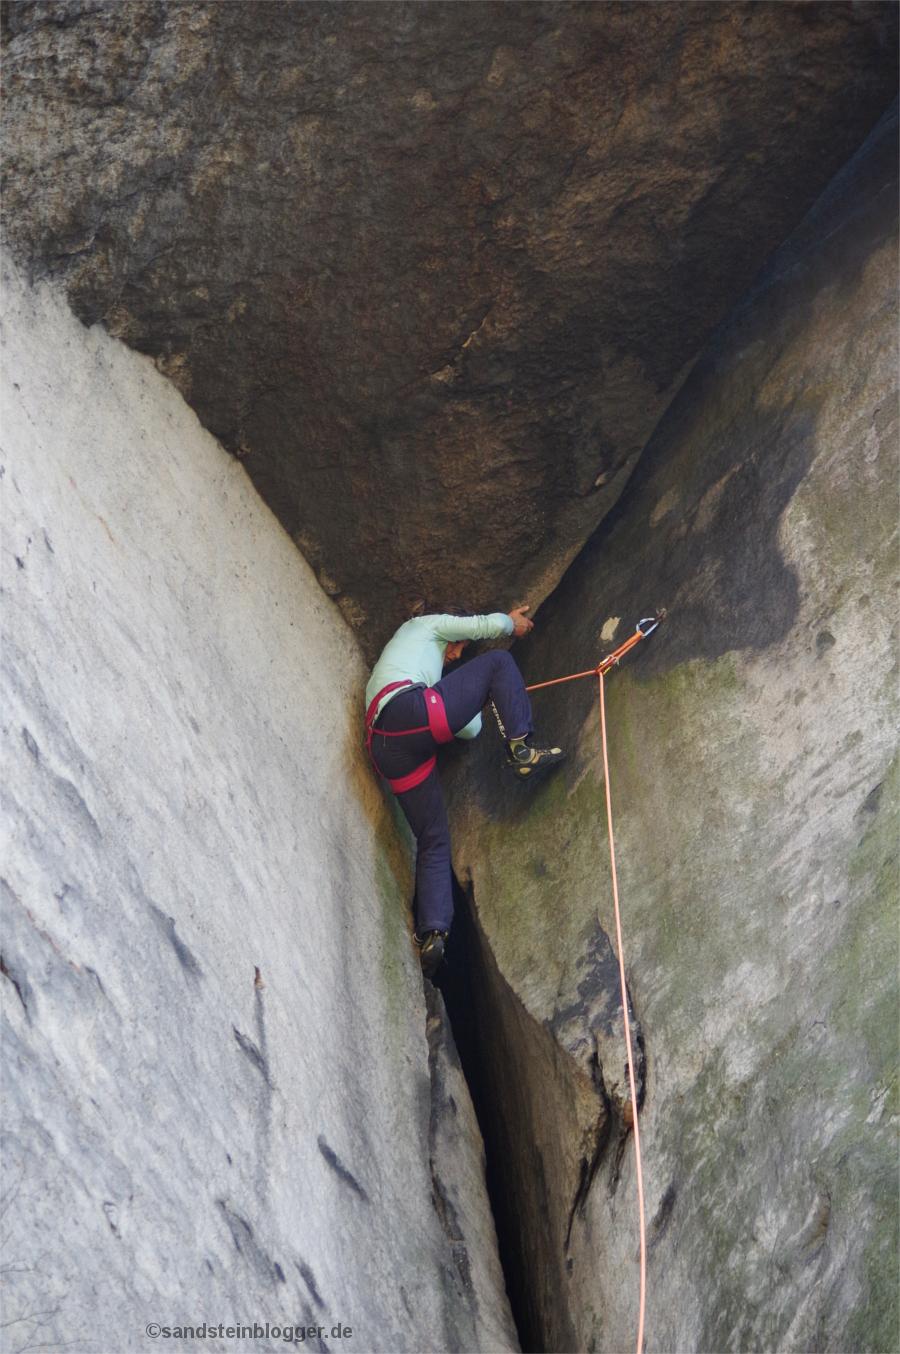 Frau hangelt an Felsdach